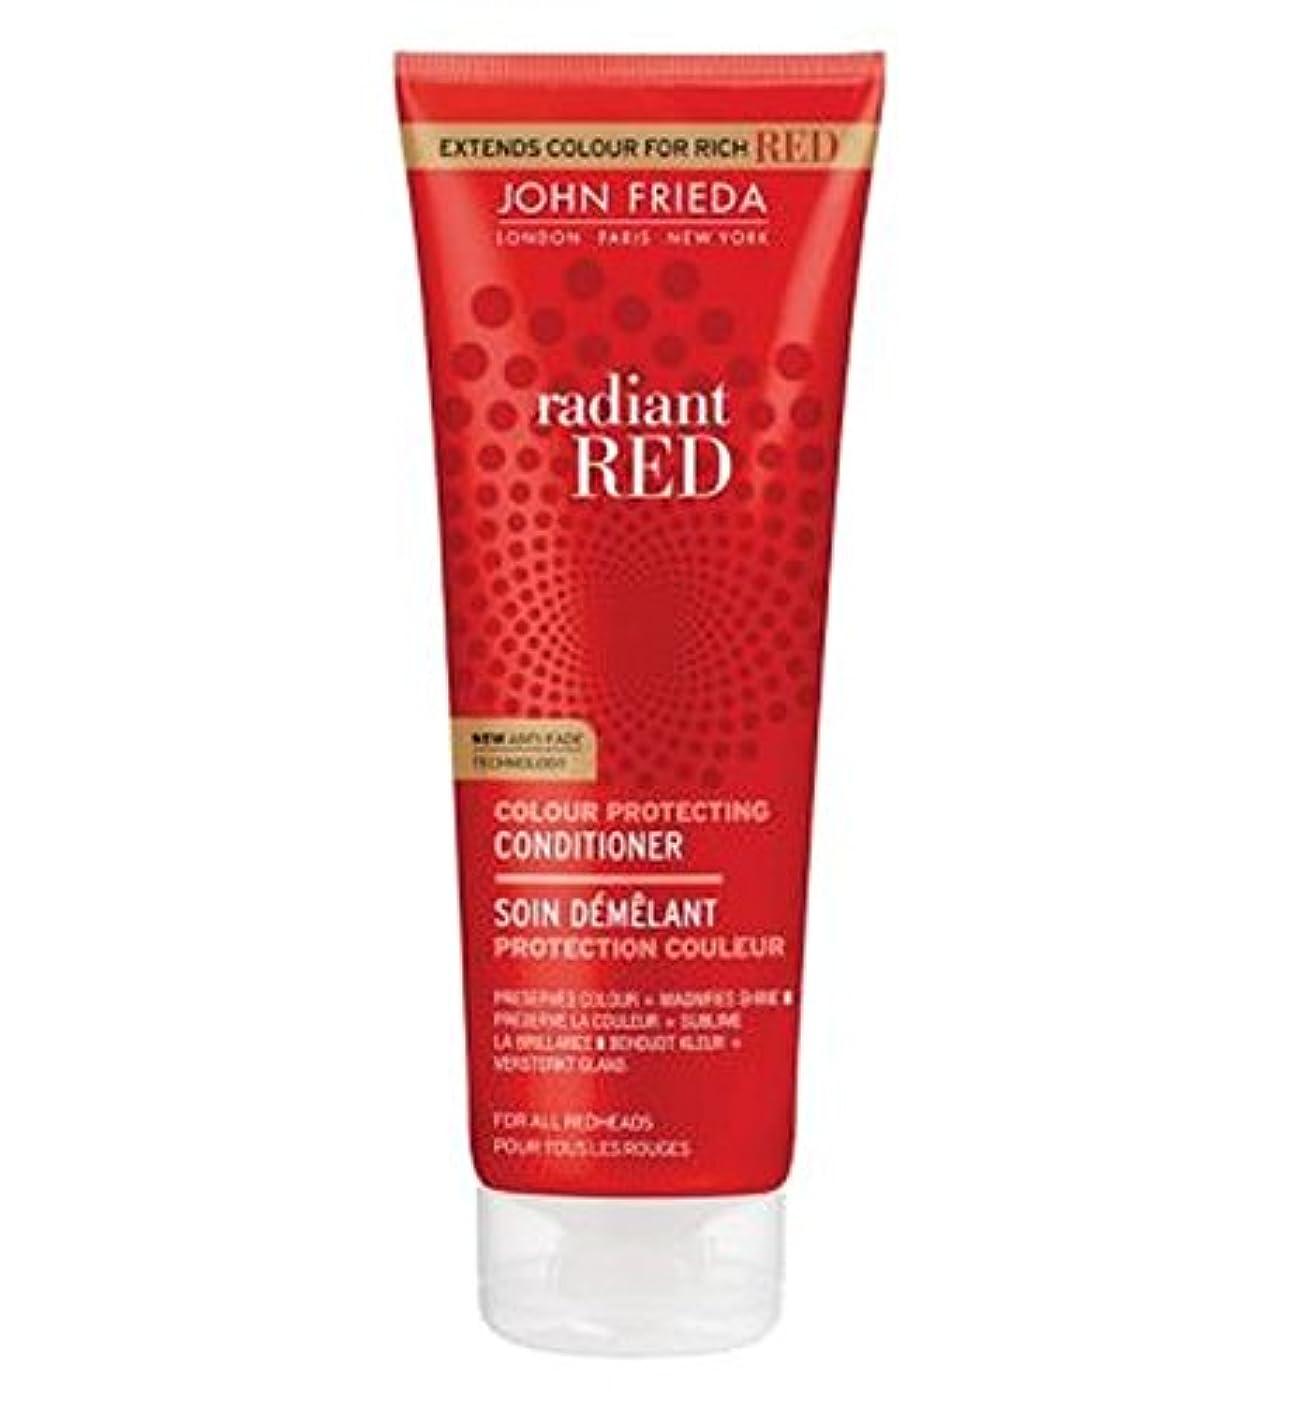 自然アイドル魅惑的なJohn Frieda Radiant Red Colour Magnifying Conditioner 250ml - ジョン?フリーダ放射赤色拡大コンディショナー250Ml (John Frieda) [並行輸入品]